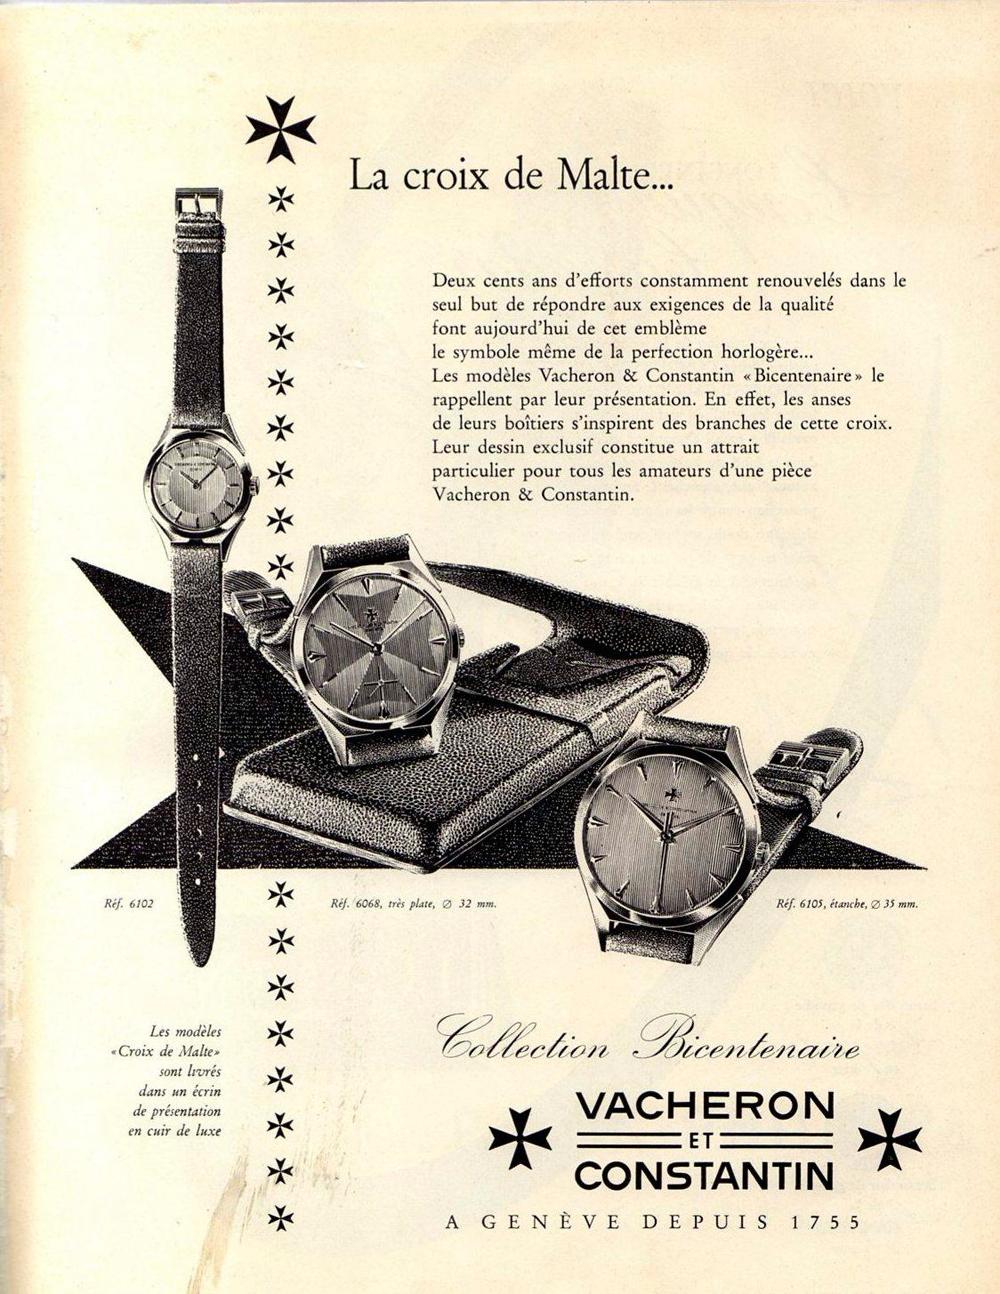 Publicidad de Vacheron Constantin de la referencia 6073 en la que se inspira la colección Fiftysix